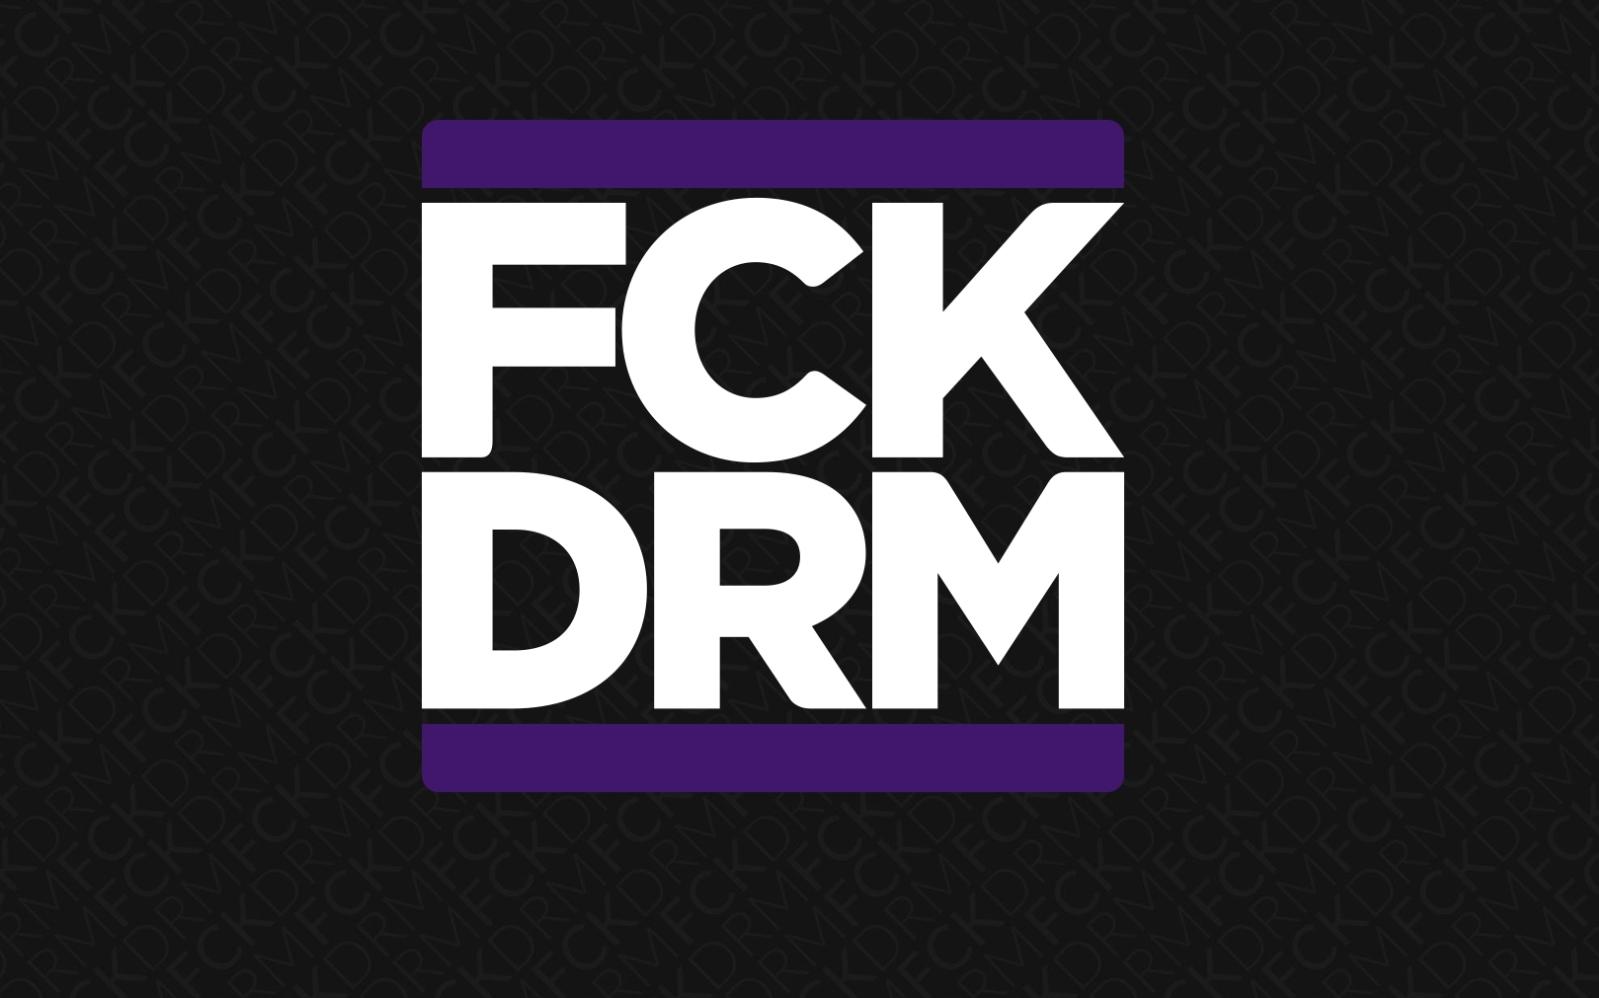 Gir fingeren til DRM med FCKDRM-kampanje